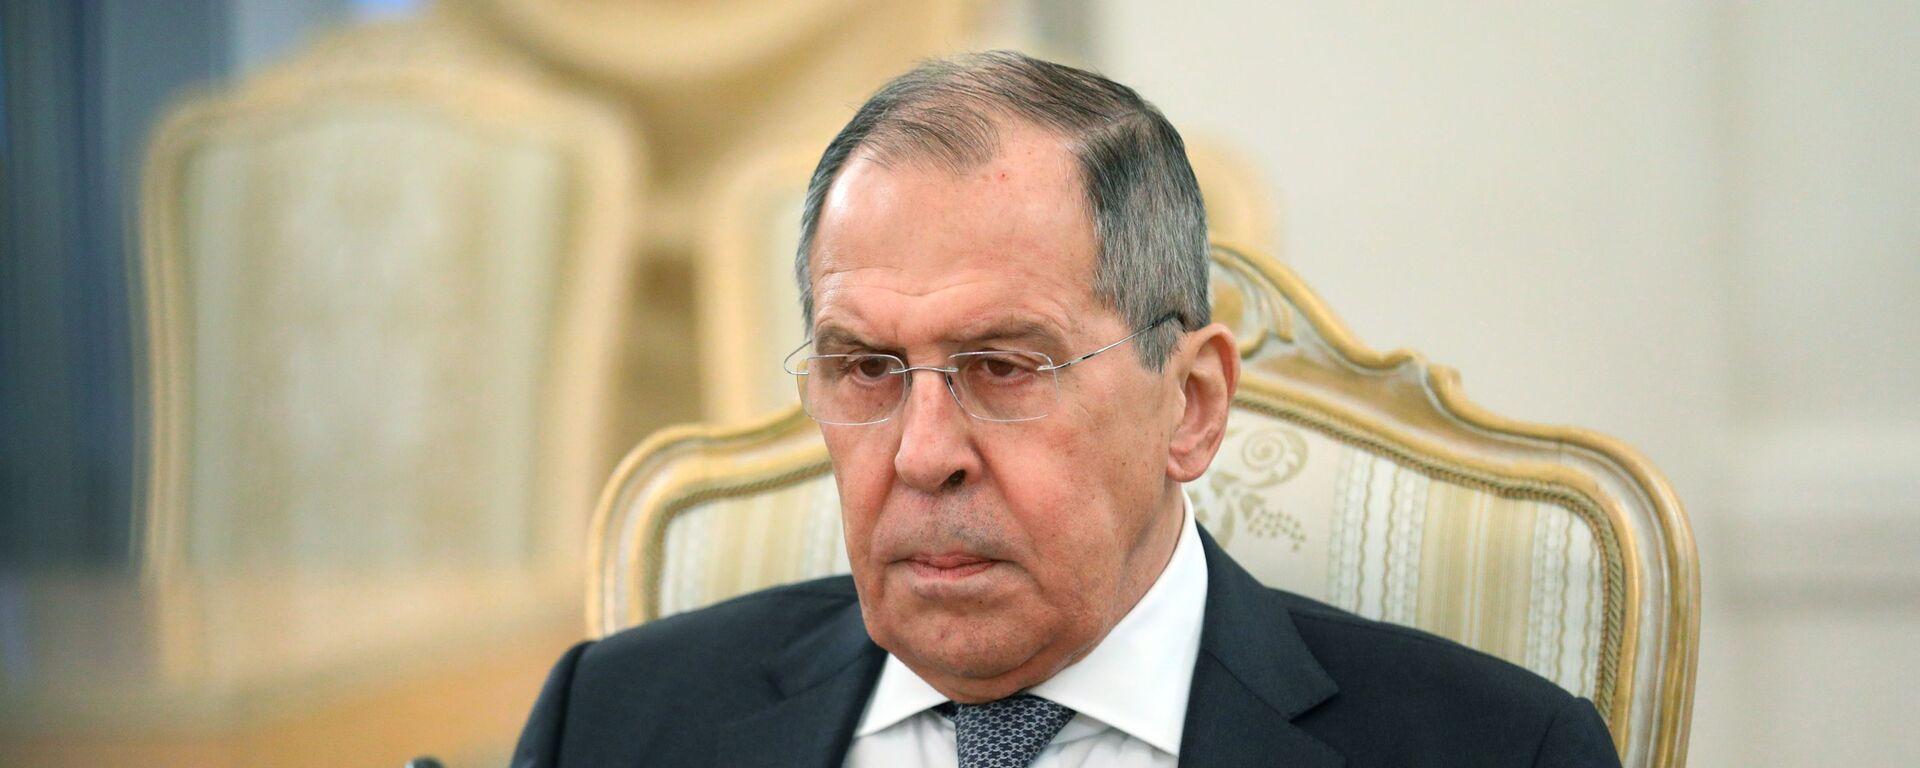 Министр иностранных дел РФ Сергей Лавров - Sputnik Таджикистан, 1920, 09.07.2021